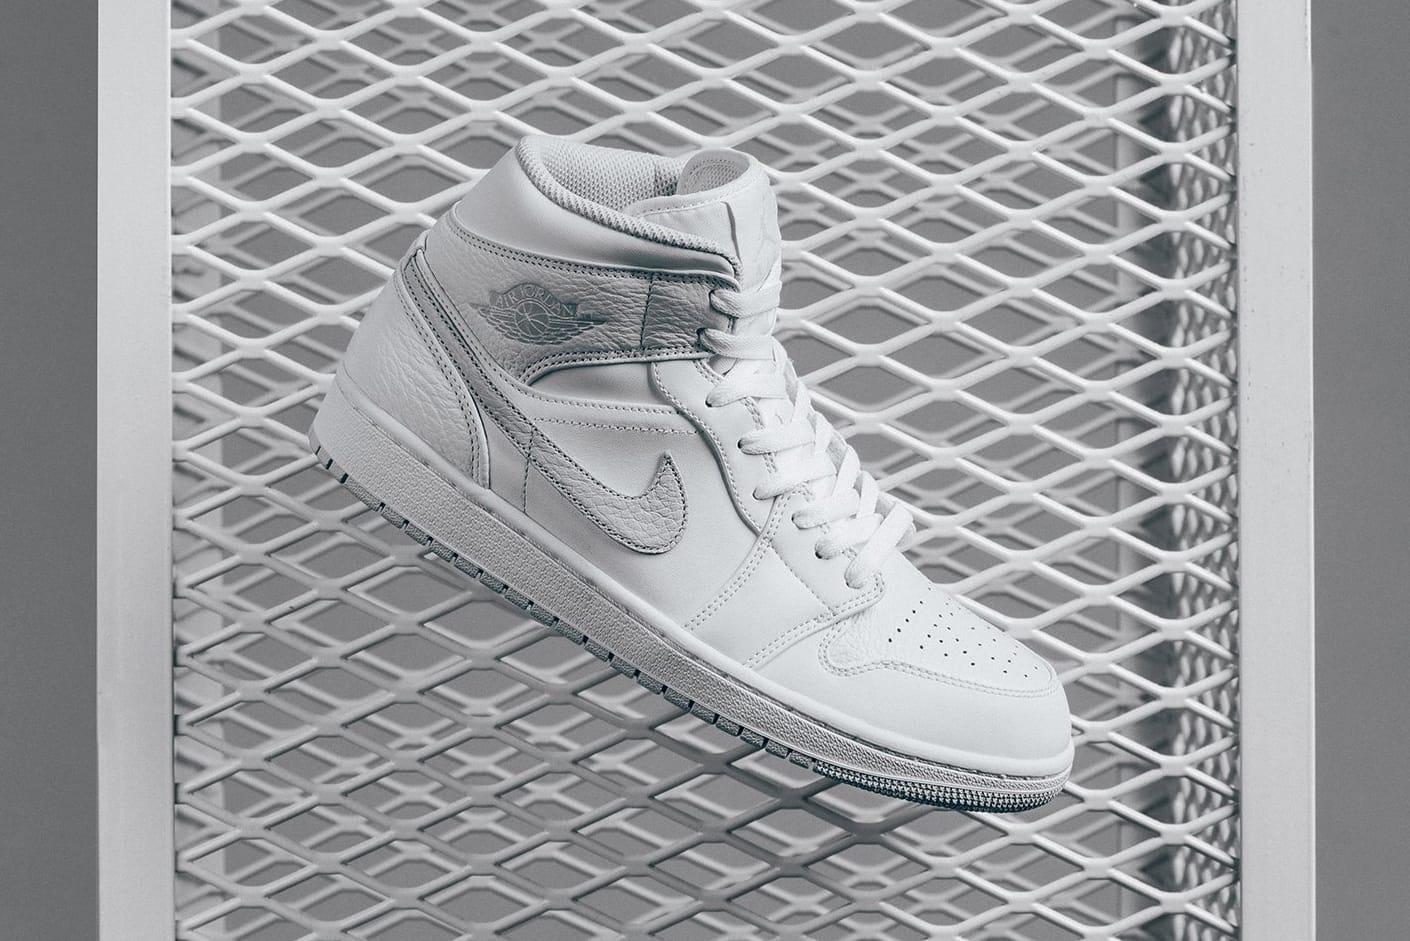 jordan 1 mid white platinum